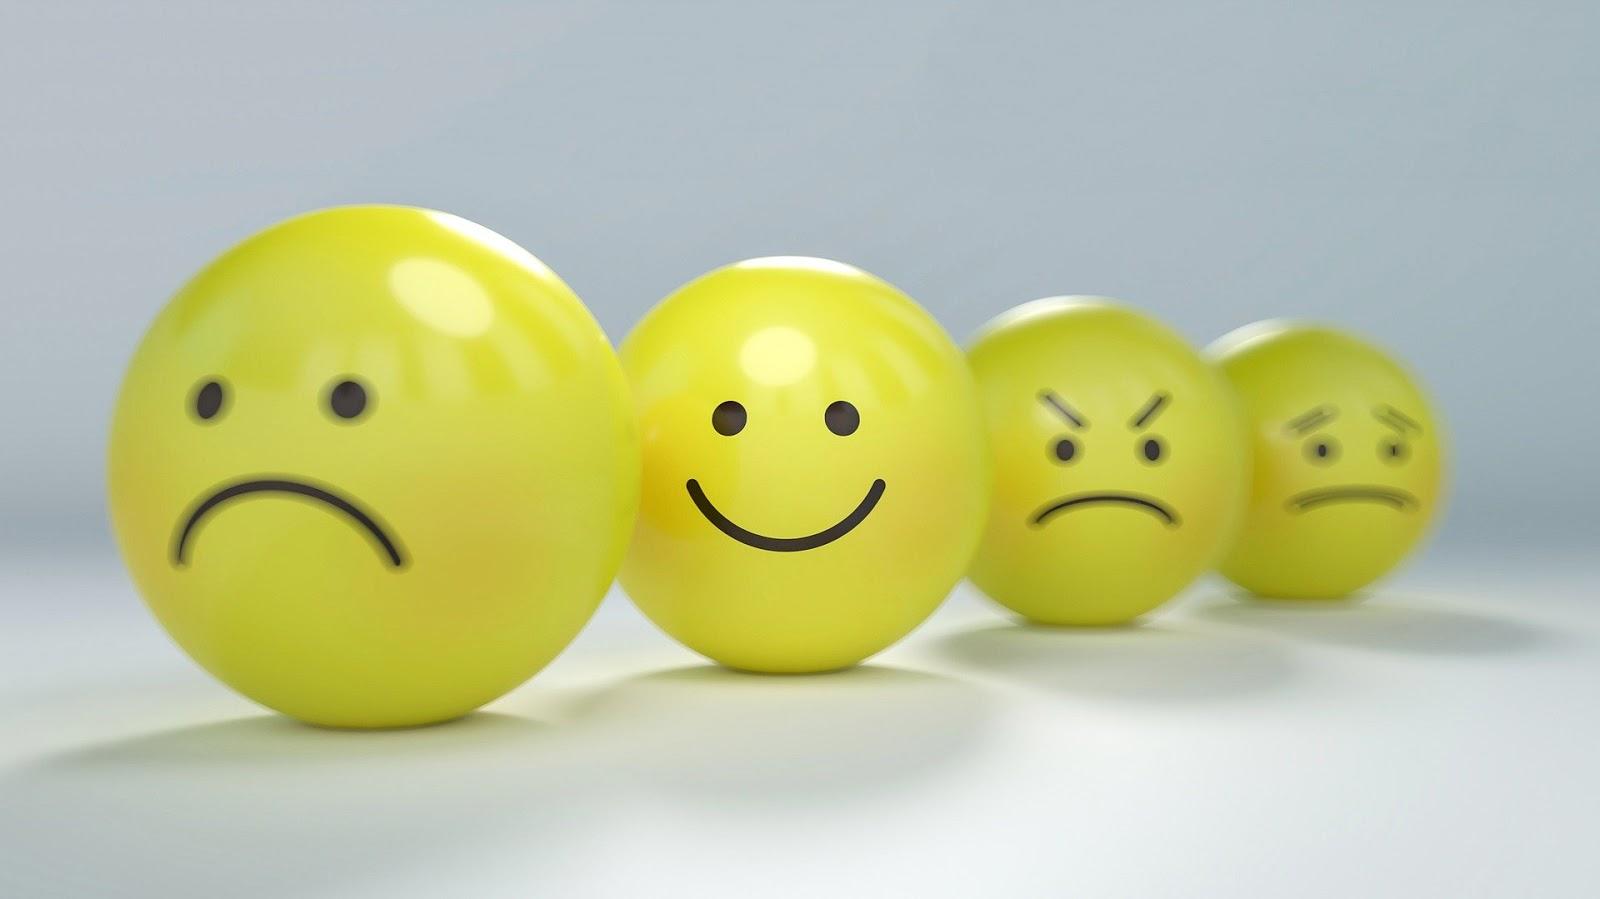 عبارات و جمل للتعبير عن الشعور و الاحاسيس باللغة الانجليزية